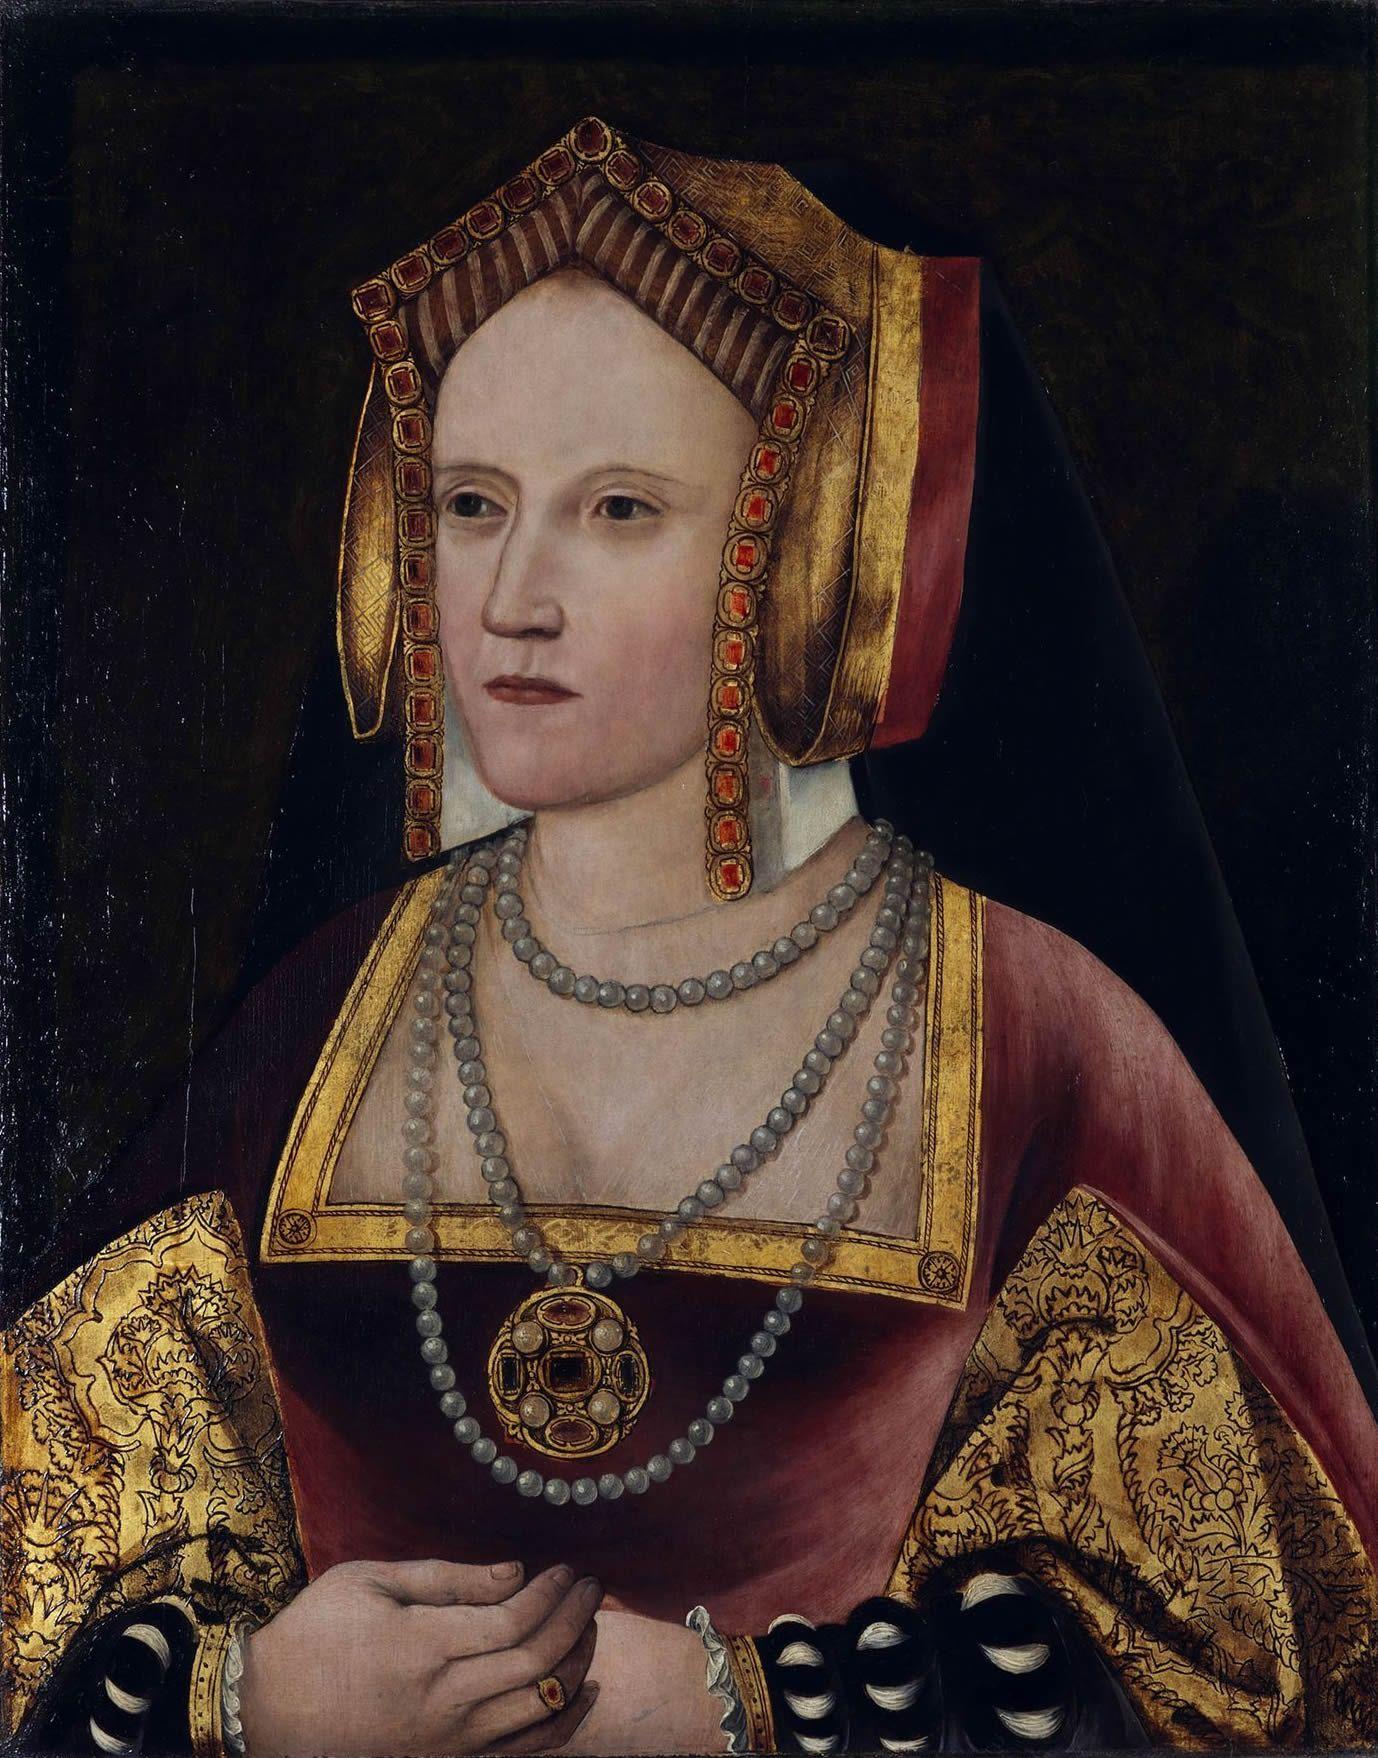 Anne Boleyn's Marriage to Henry VIII